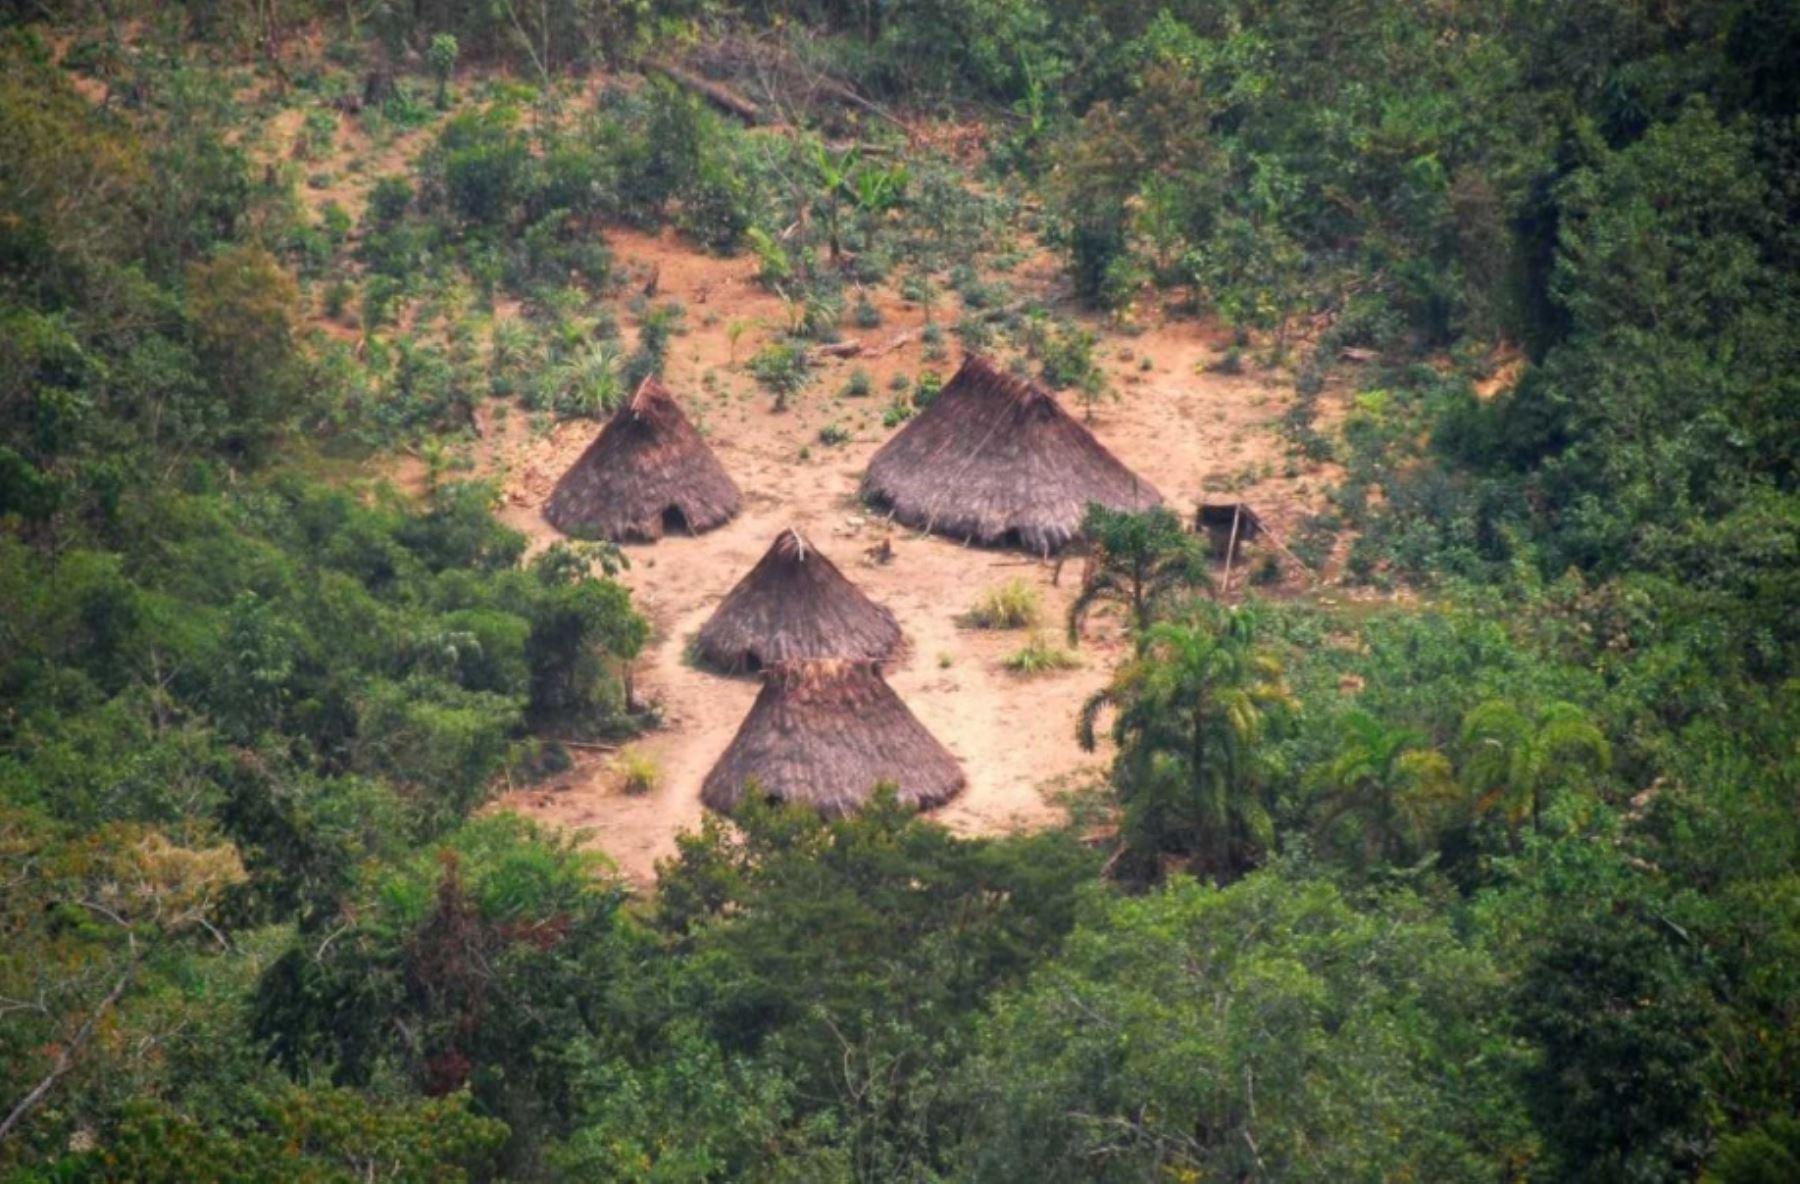 Poder Judicial ordena creación de reservas para indígenas en aislamiento